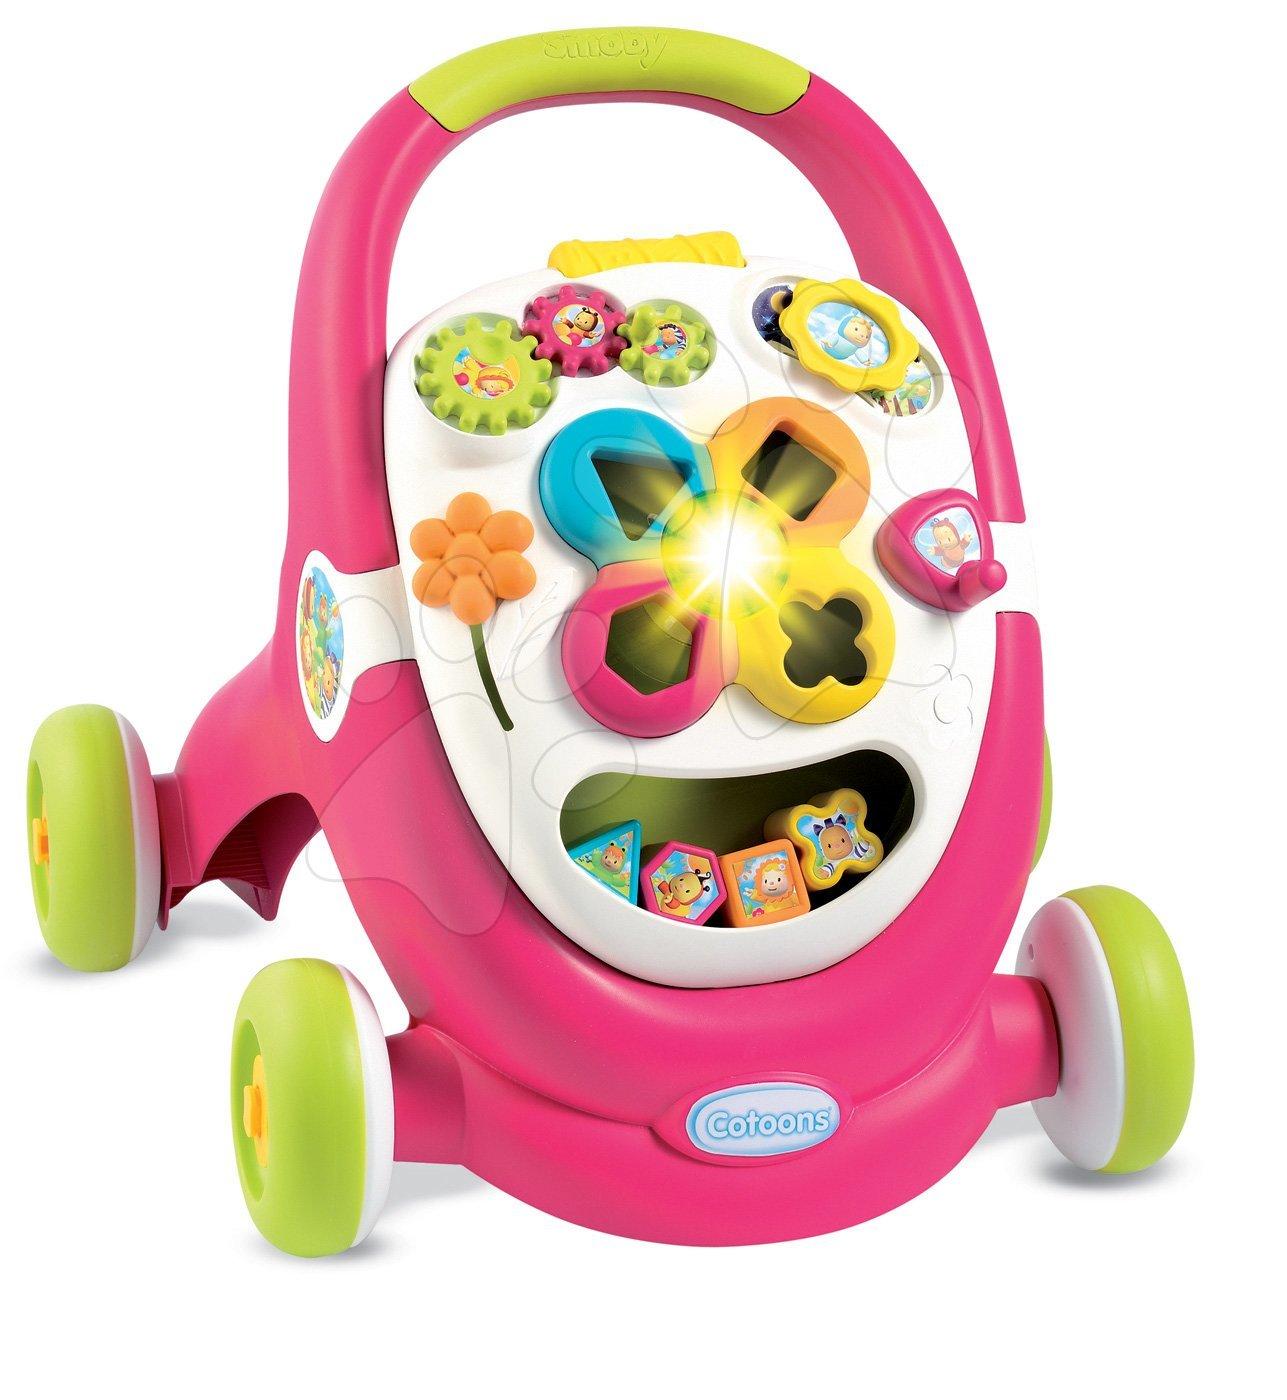 Detské chodítka - Chodítko Cotoons Smoby s kockami, svetlom a melódiou ružové od 12 mes